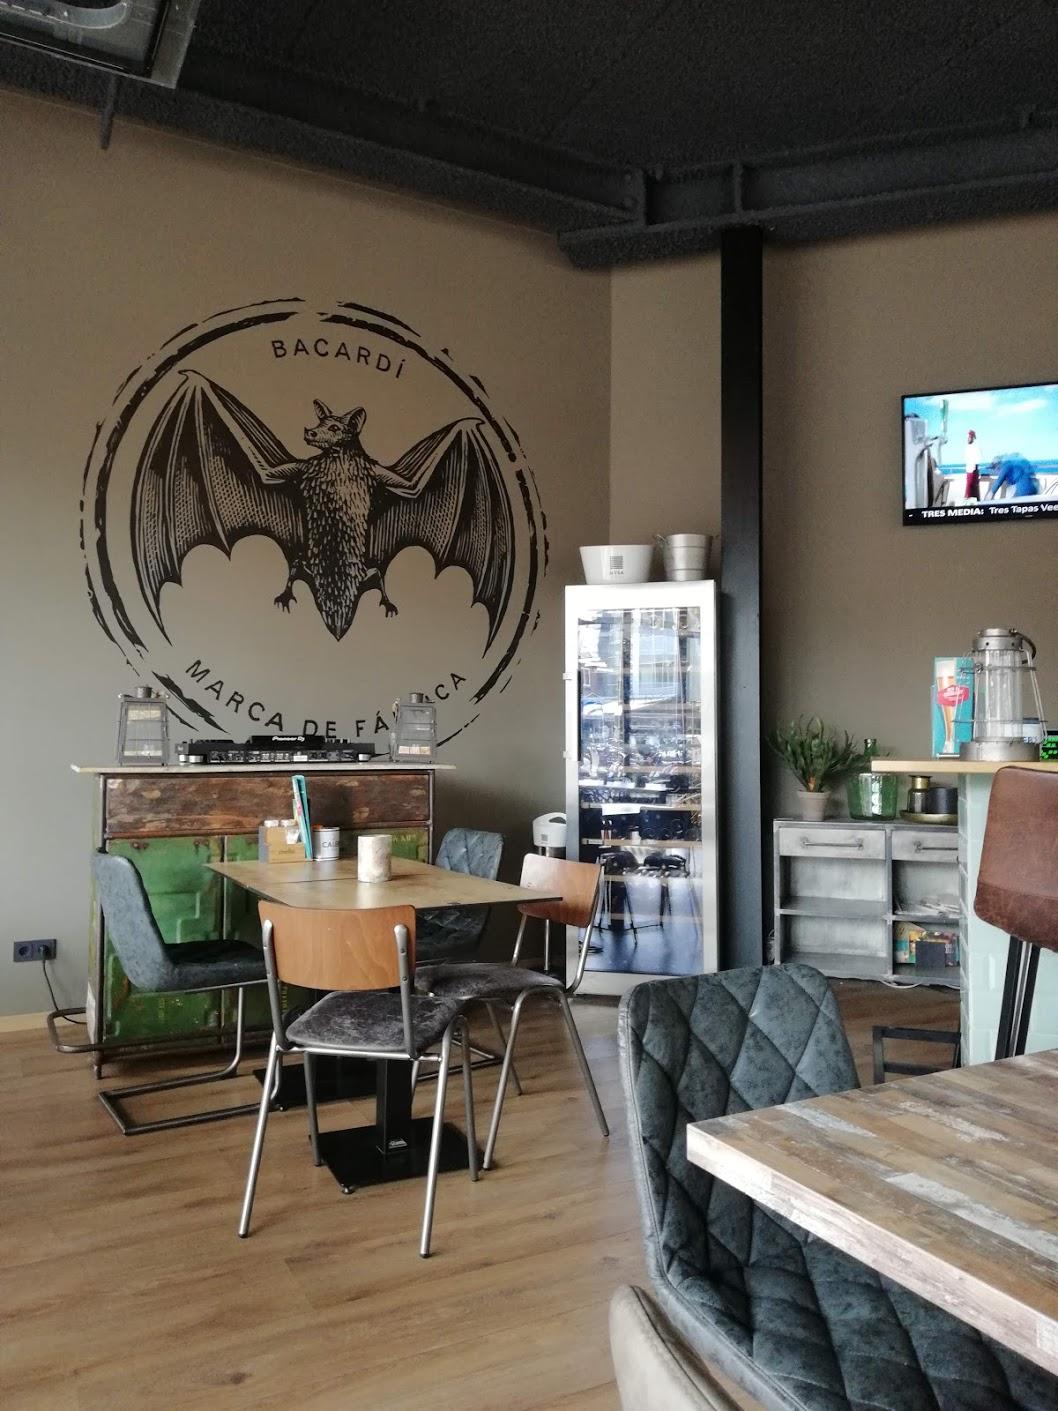 Bacardi logo als onderdeel van het interieur van Tres Tapas & Wine bar in Veenendaal